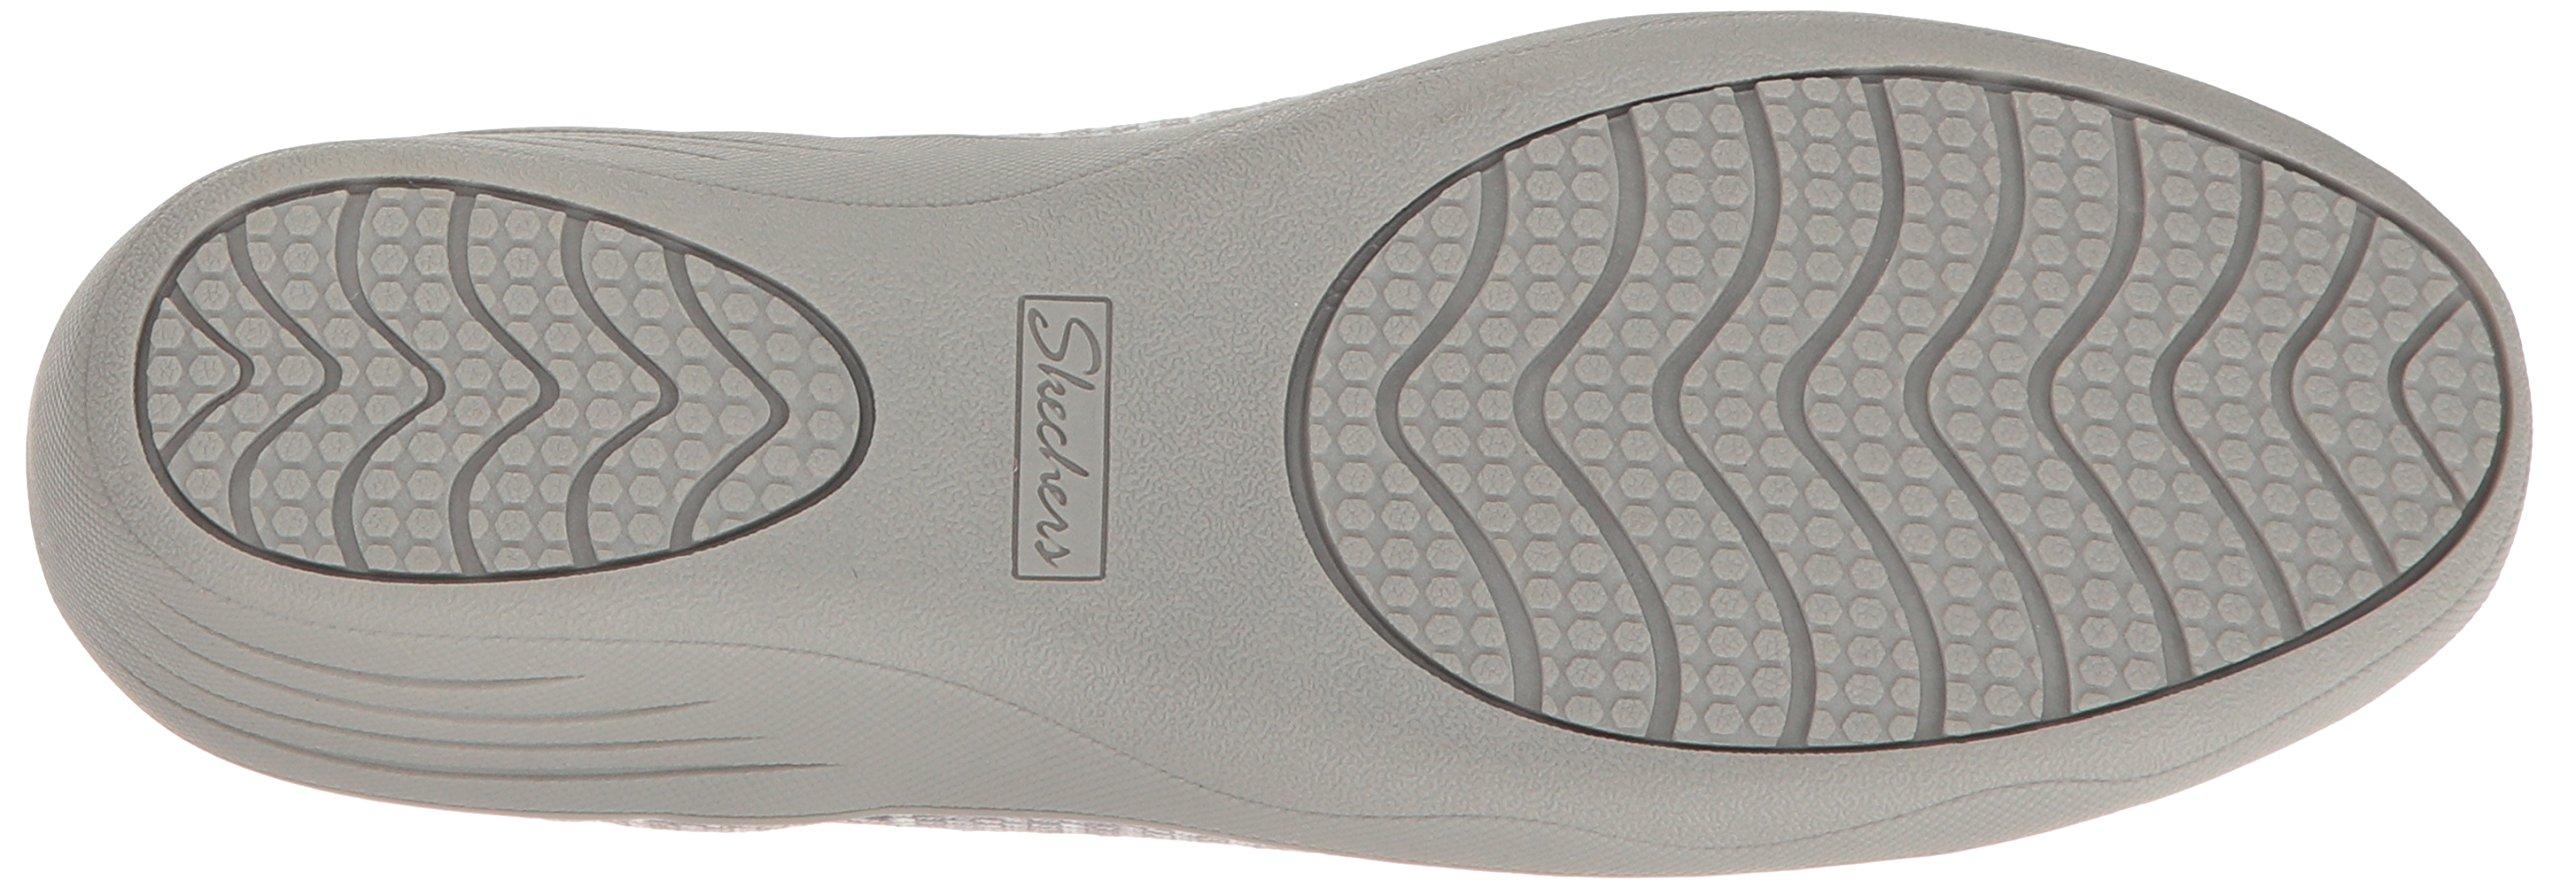 Skechers Women's Kiss-Secret Wedge Pump,Grey,7 M US by Skechers (Image #3)